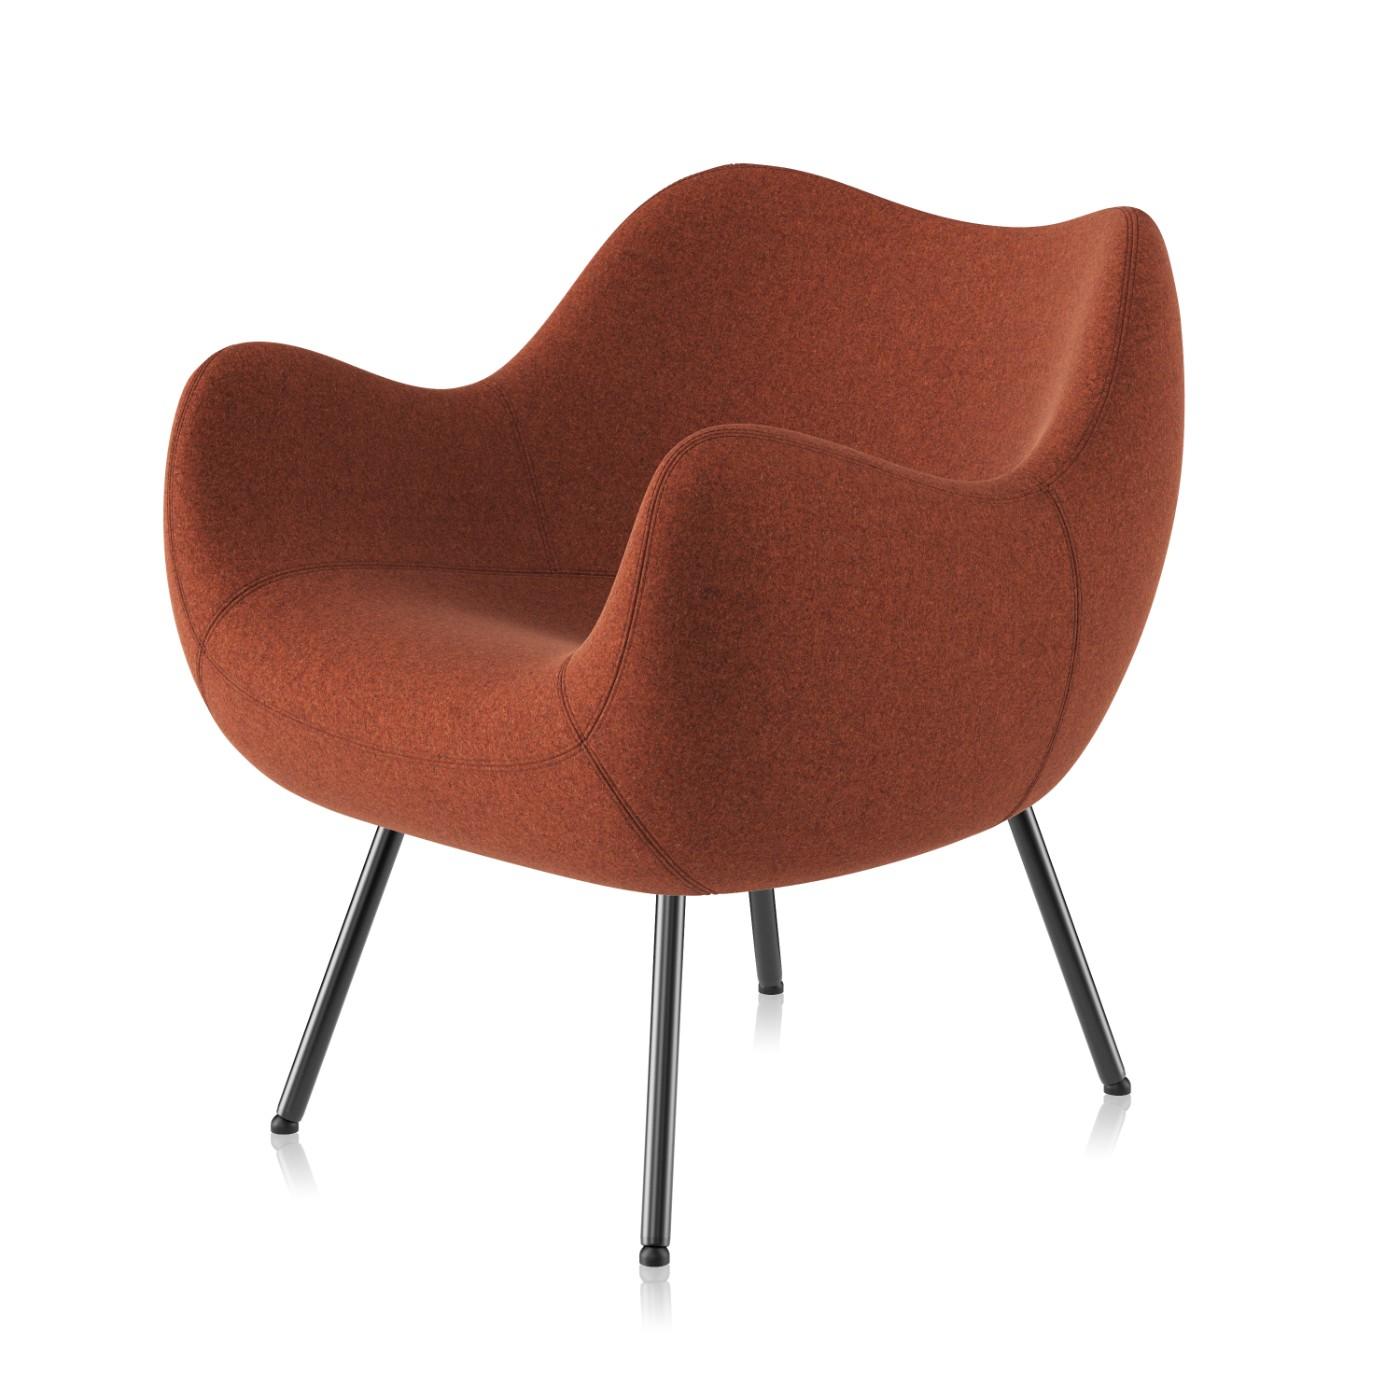 Fotel Rm58 Soft Tapicerowany 4 Nogi Vzór